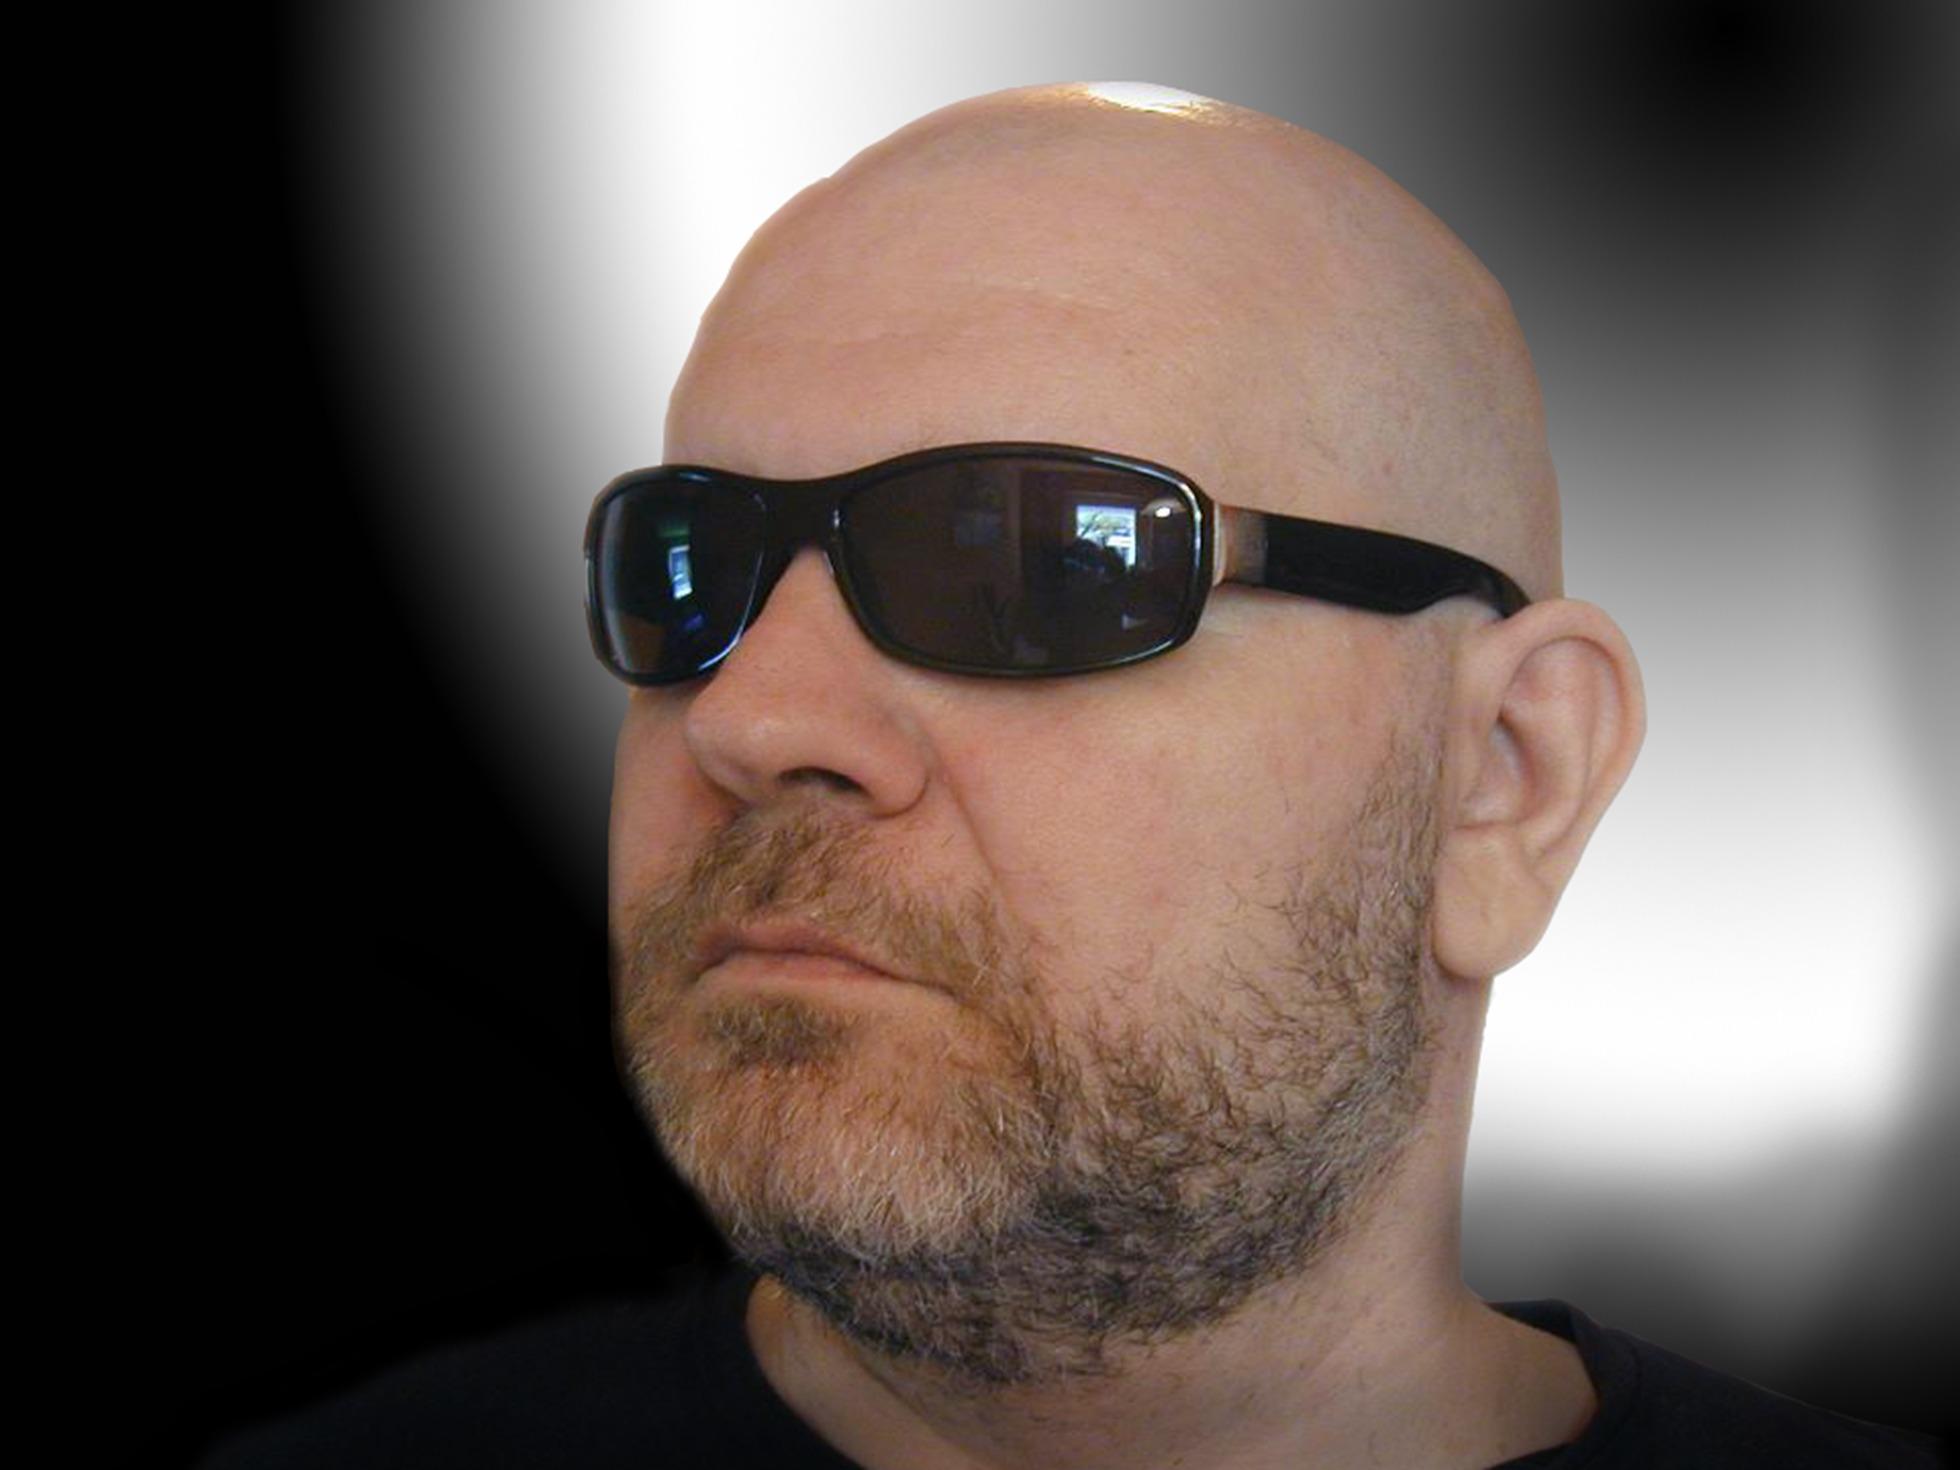 Очки для лысого мужчины фото — 11